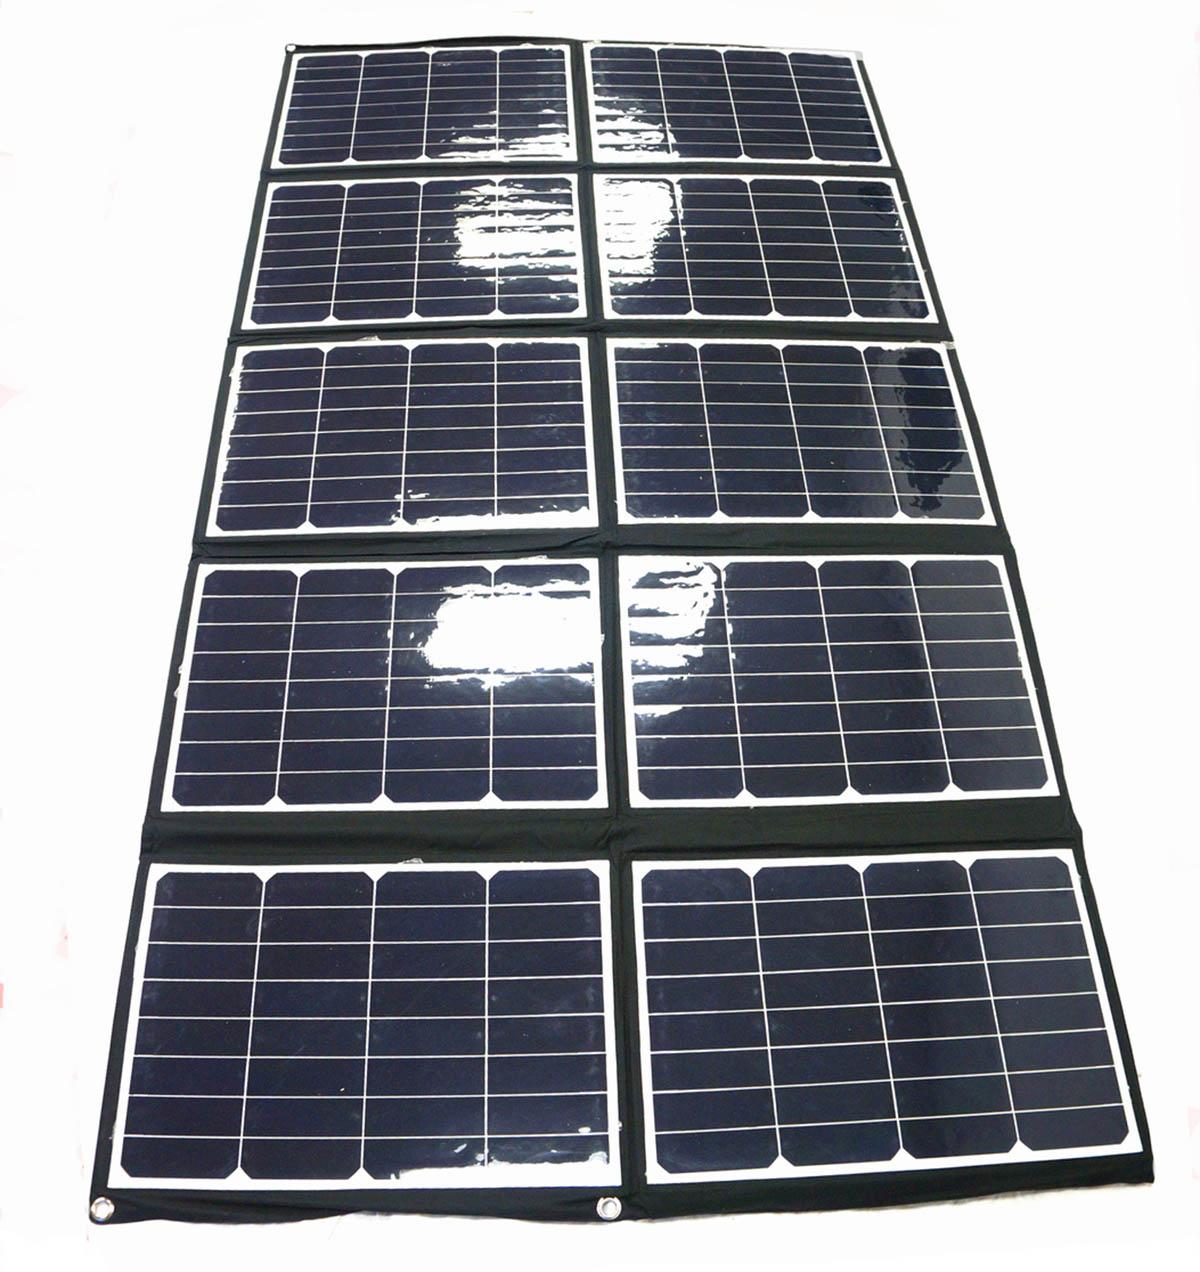 Il pannello solare spiegato e aperto